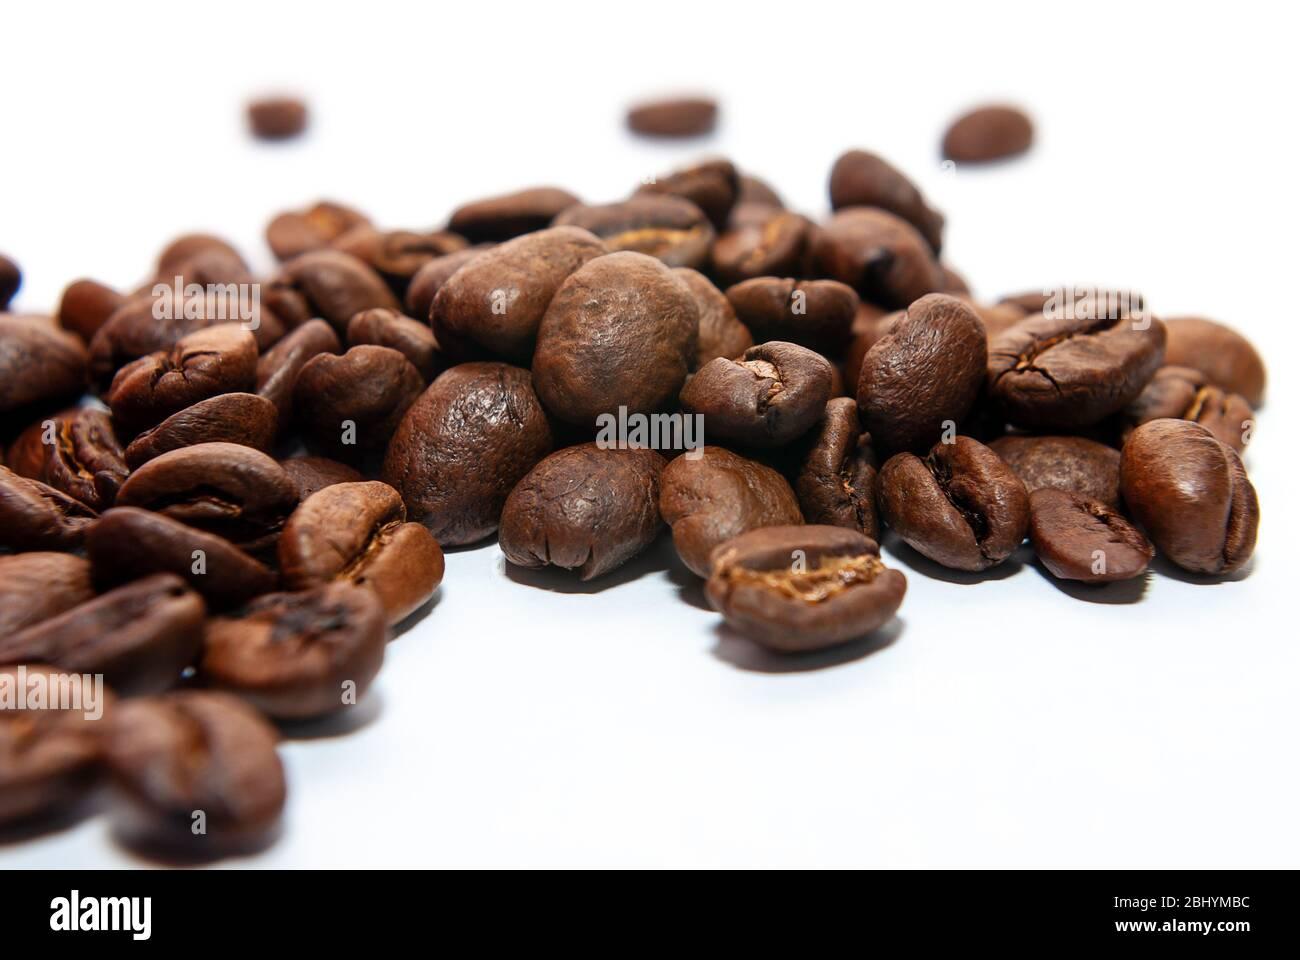 Les grains de café sur un fond blanc. Banque D'Images